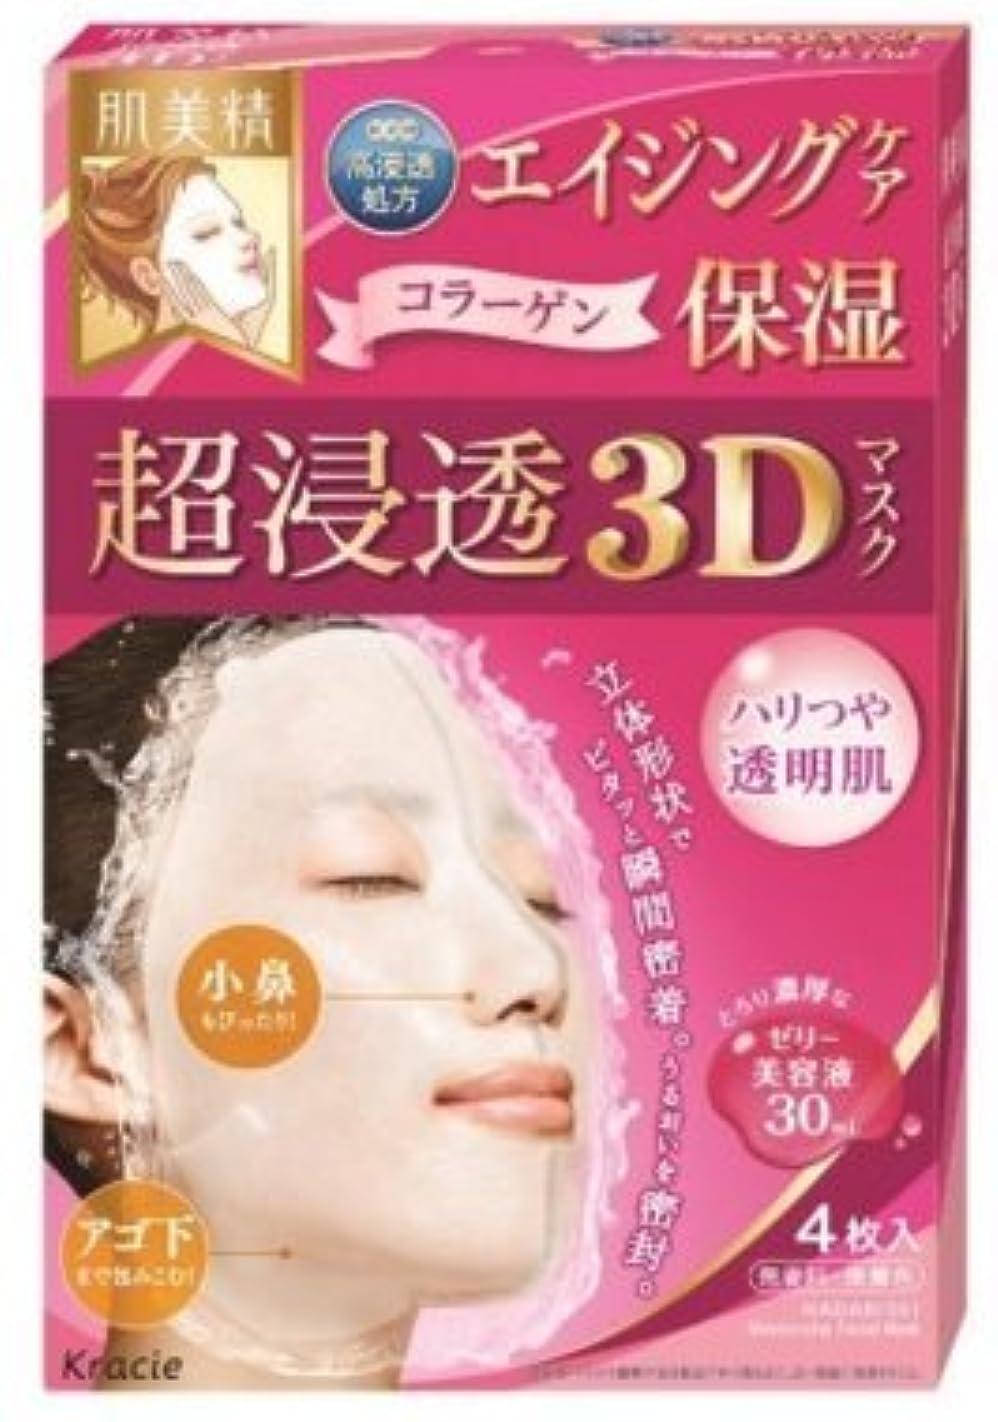 高層ビル仲人さわやか肌美精 超浸透3Dマスク (エイジング保湿) 4枚×3個セット